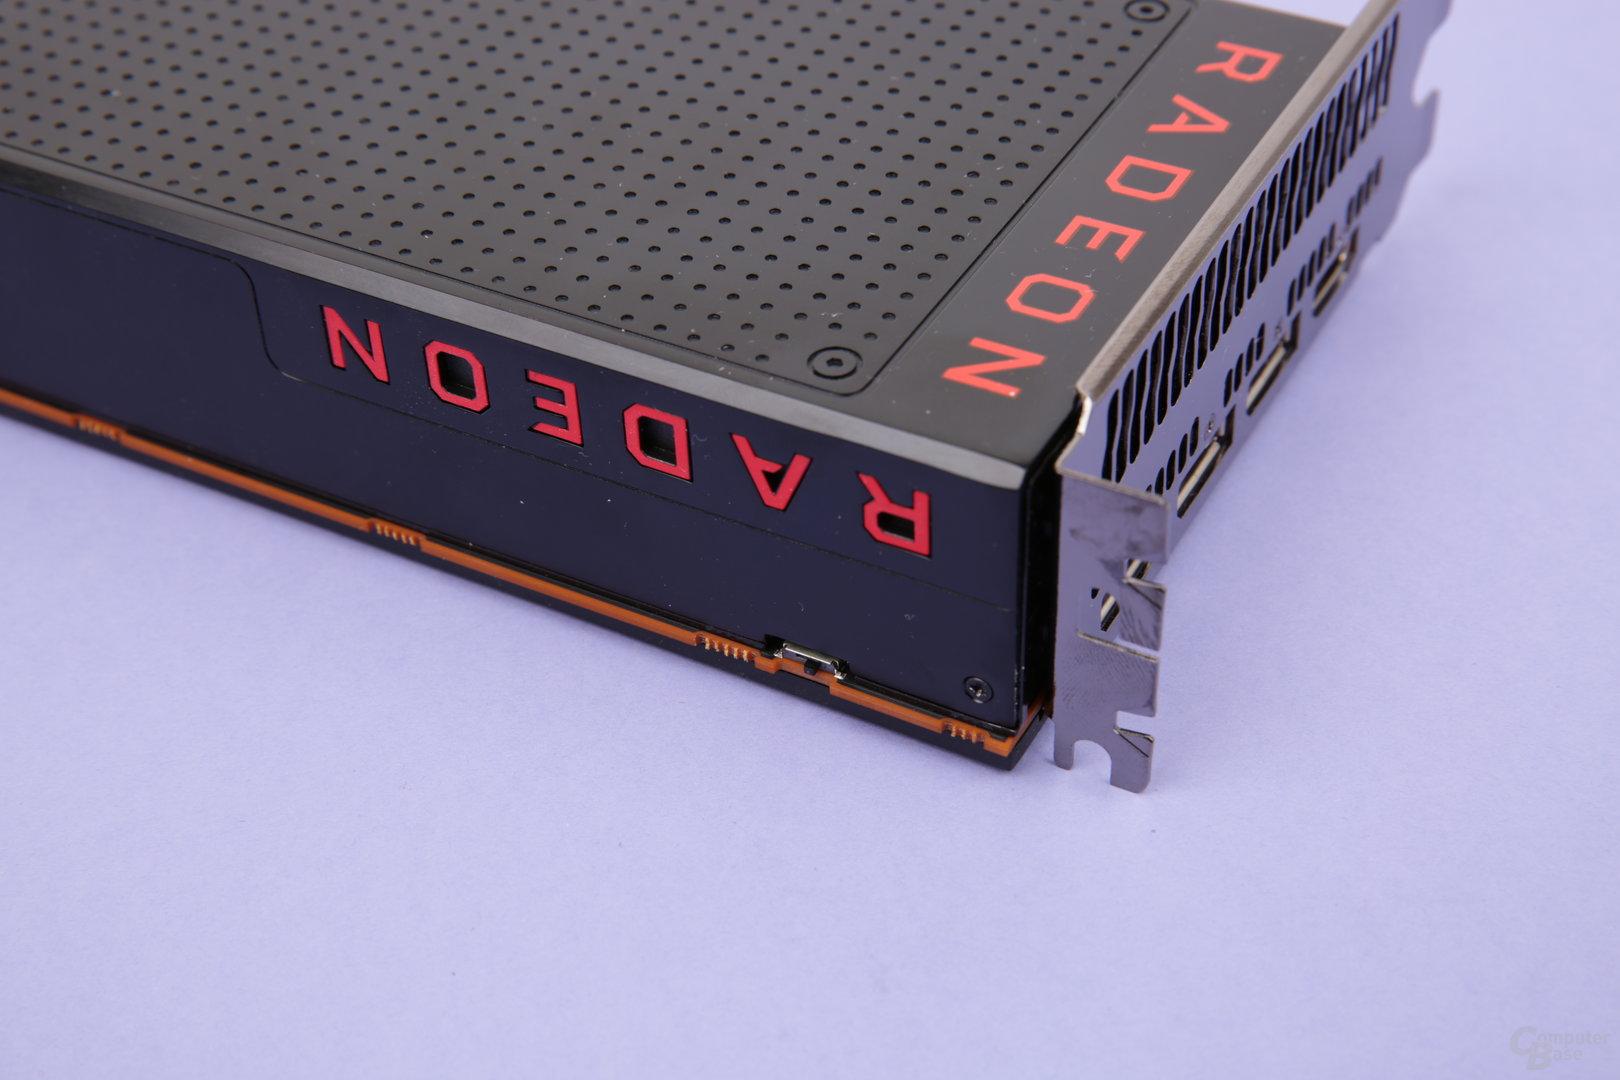 Der BIOS-Schalter der Radeon RX Vega